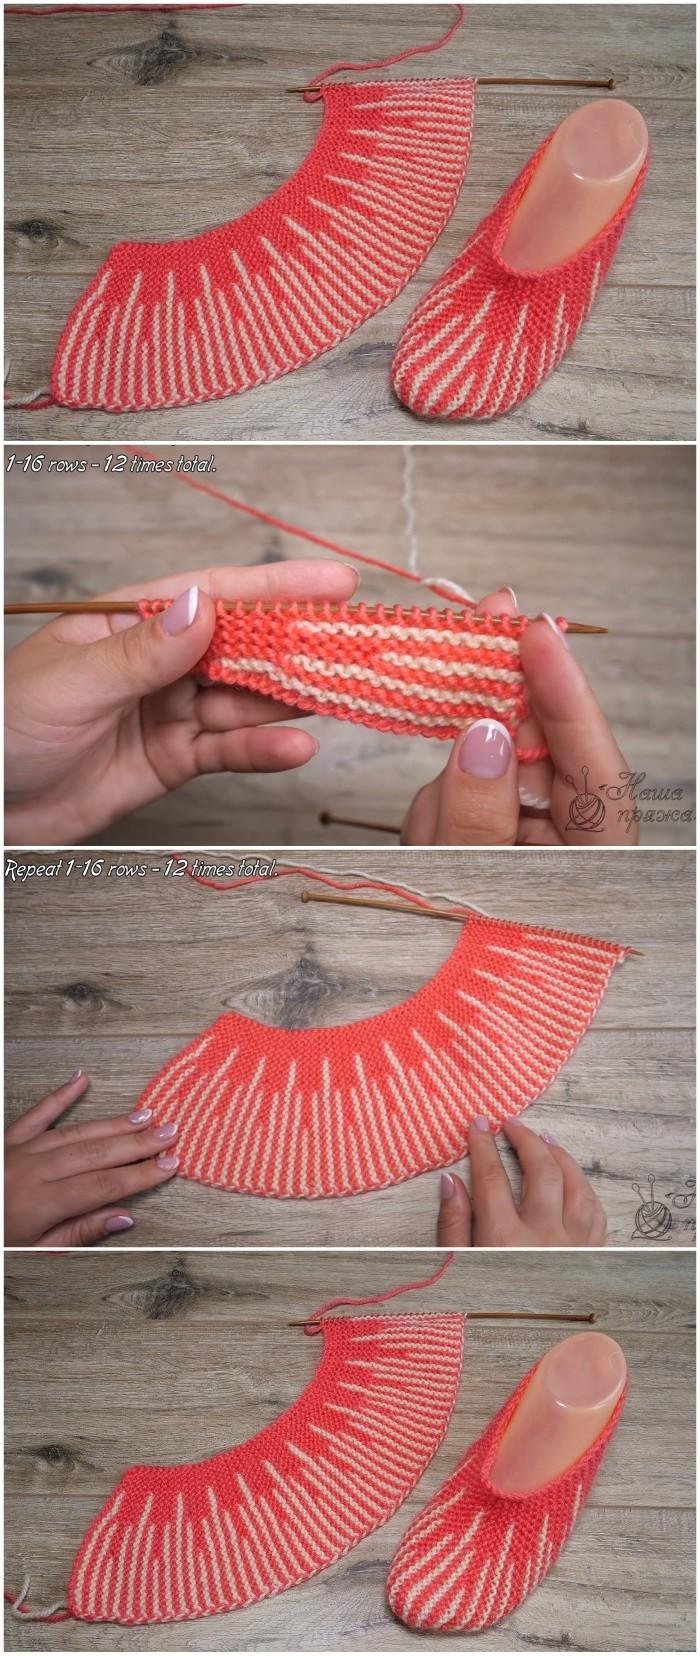 Girls Crochet Shoes Making Free Crochet Pattern